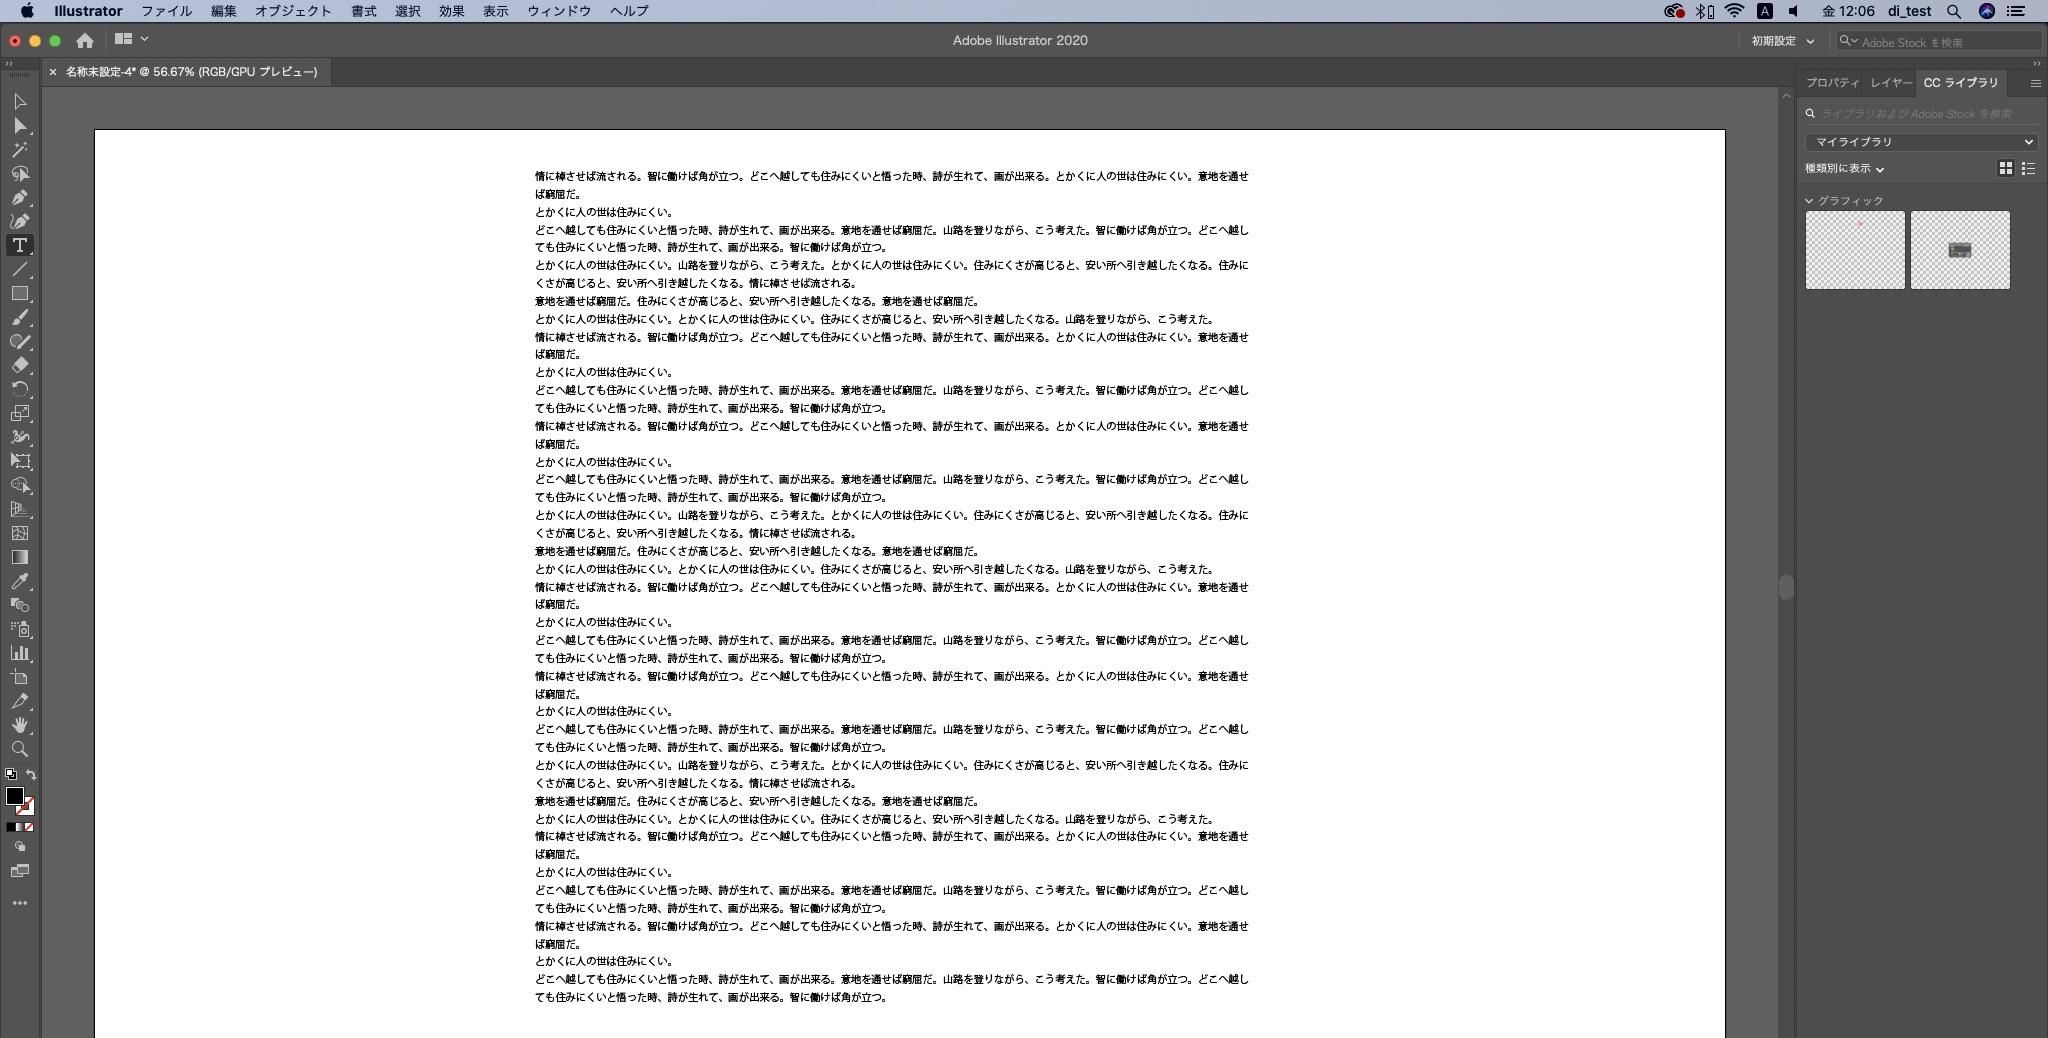 C5A85BAE-0DBC-4D41-8F24-4D4CB04CC0D1_1_201_a